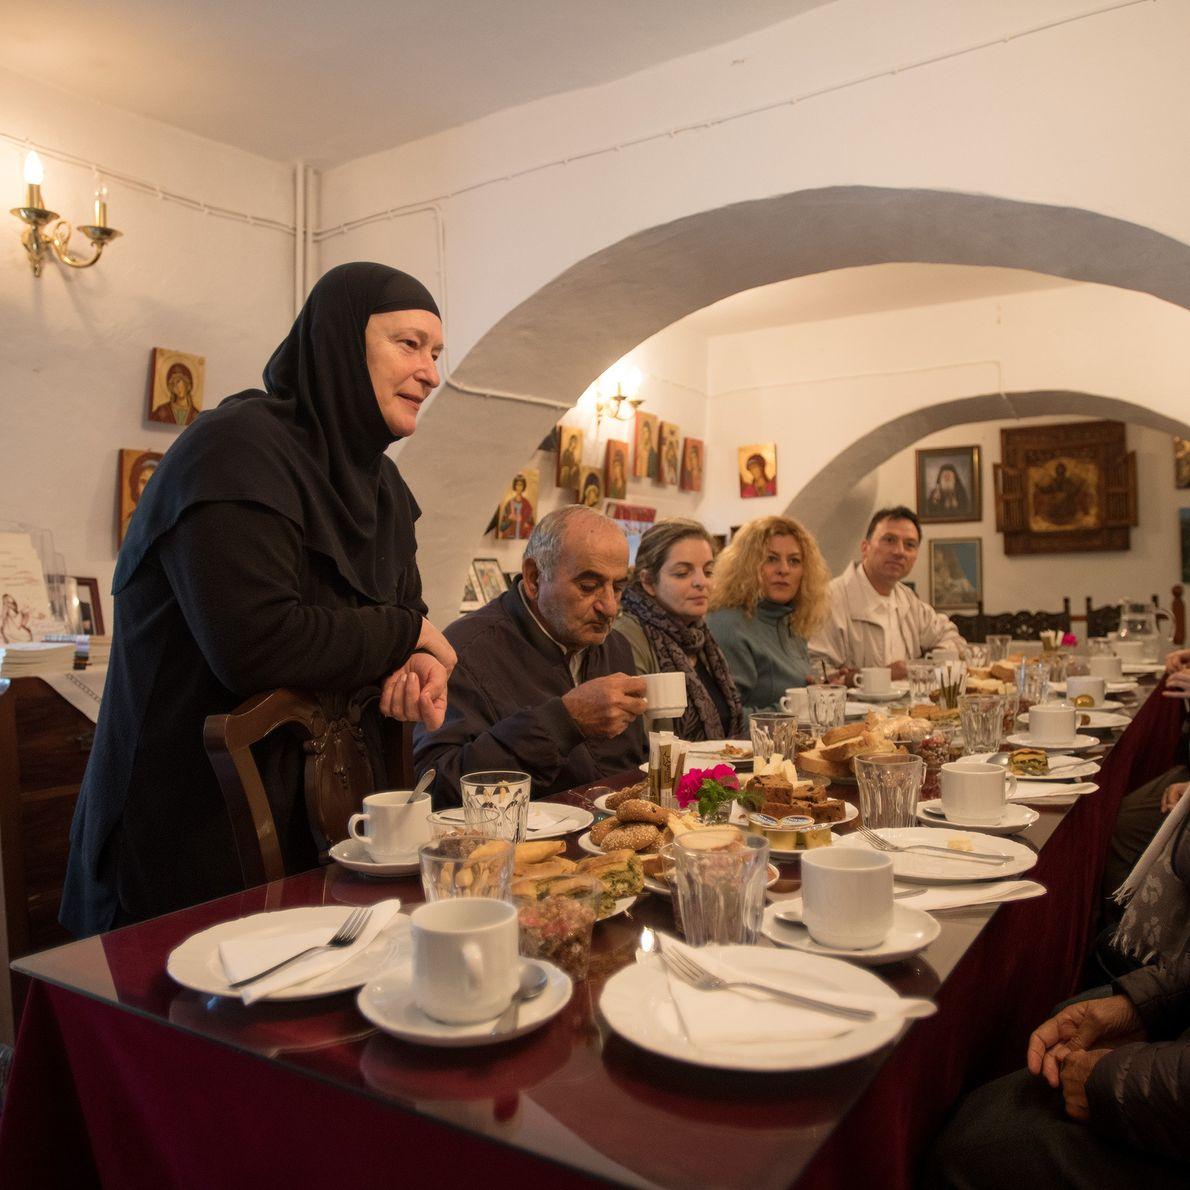 Sœur Irini discute avec ses invités au petit-déjeuner après la messe du samedi matin à St. ...